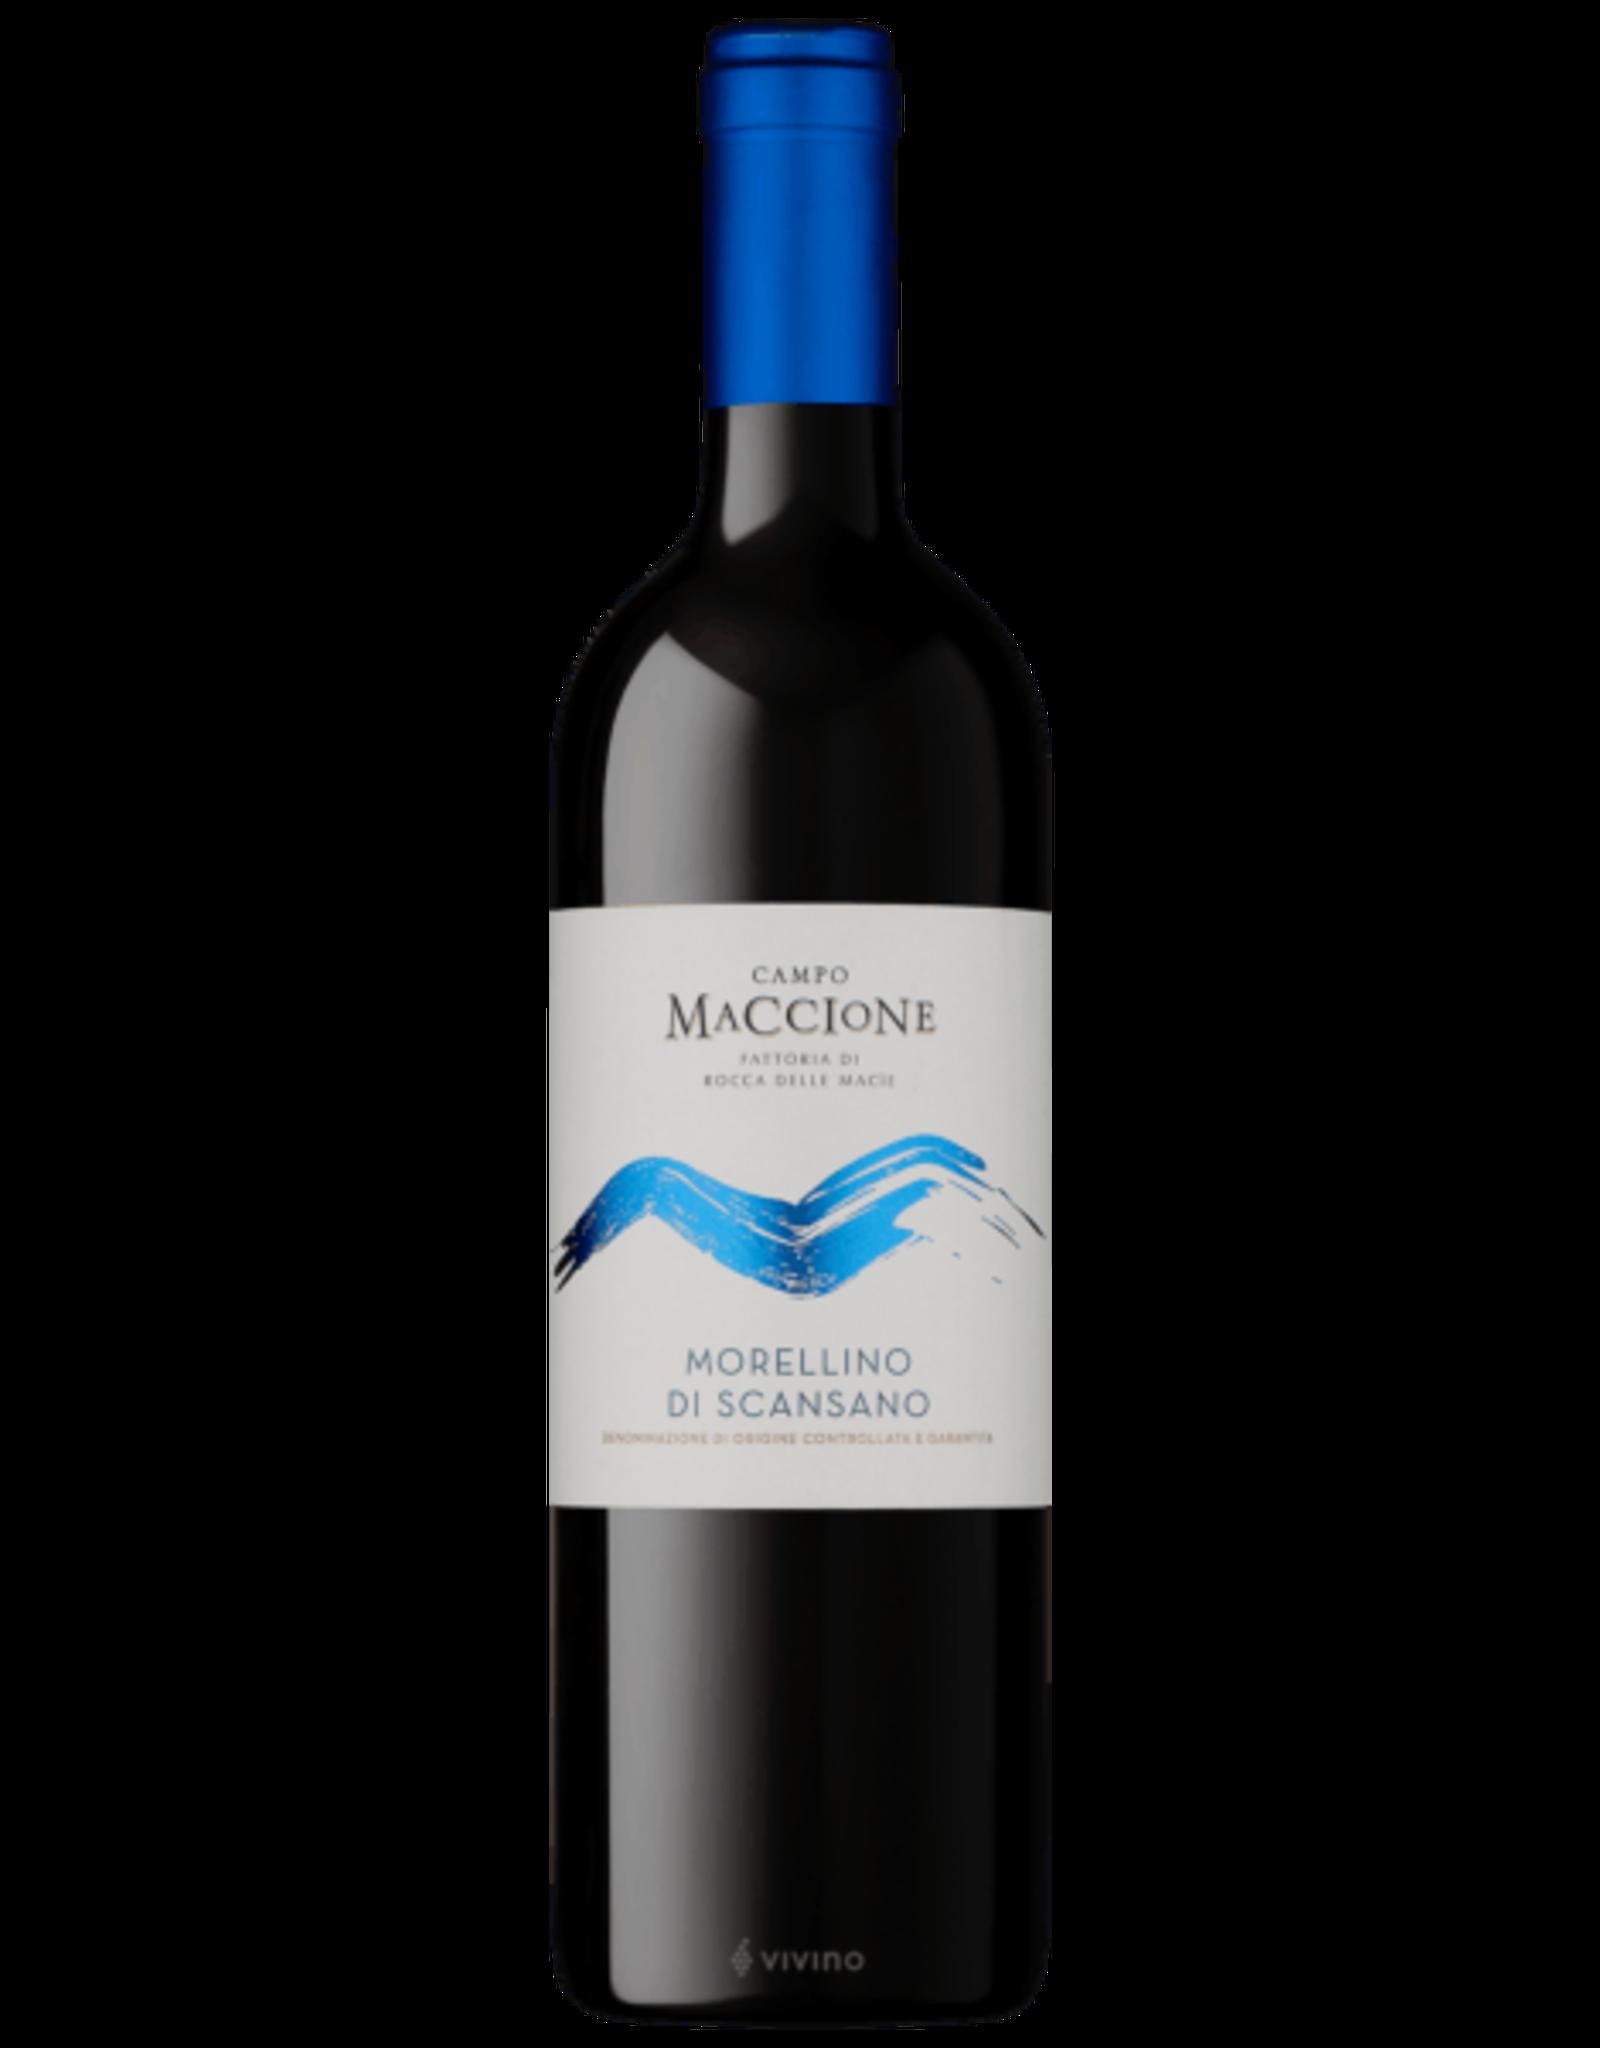 Rocca Delle Macie Campo Maccione 2018